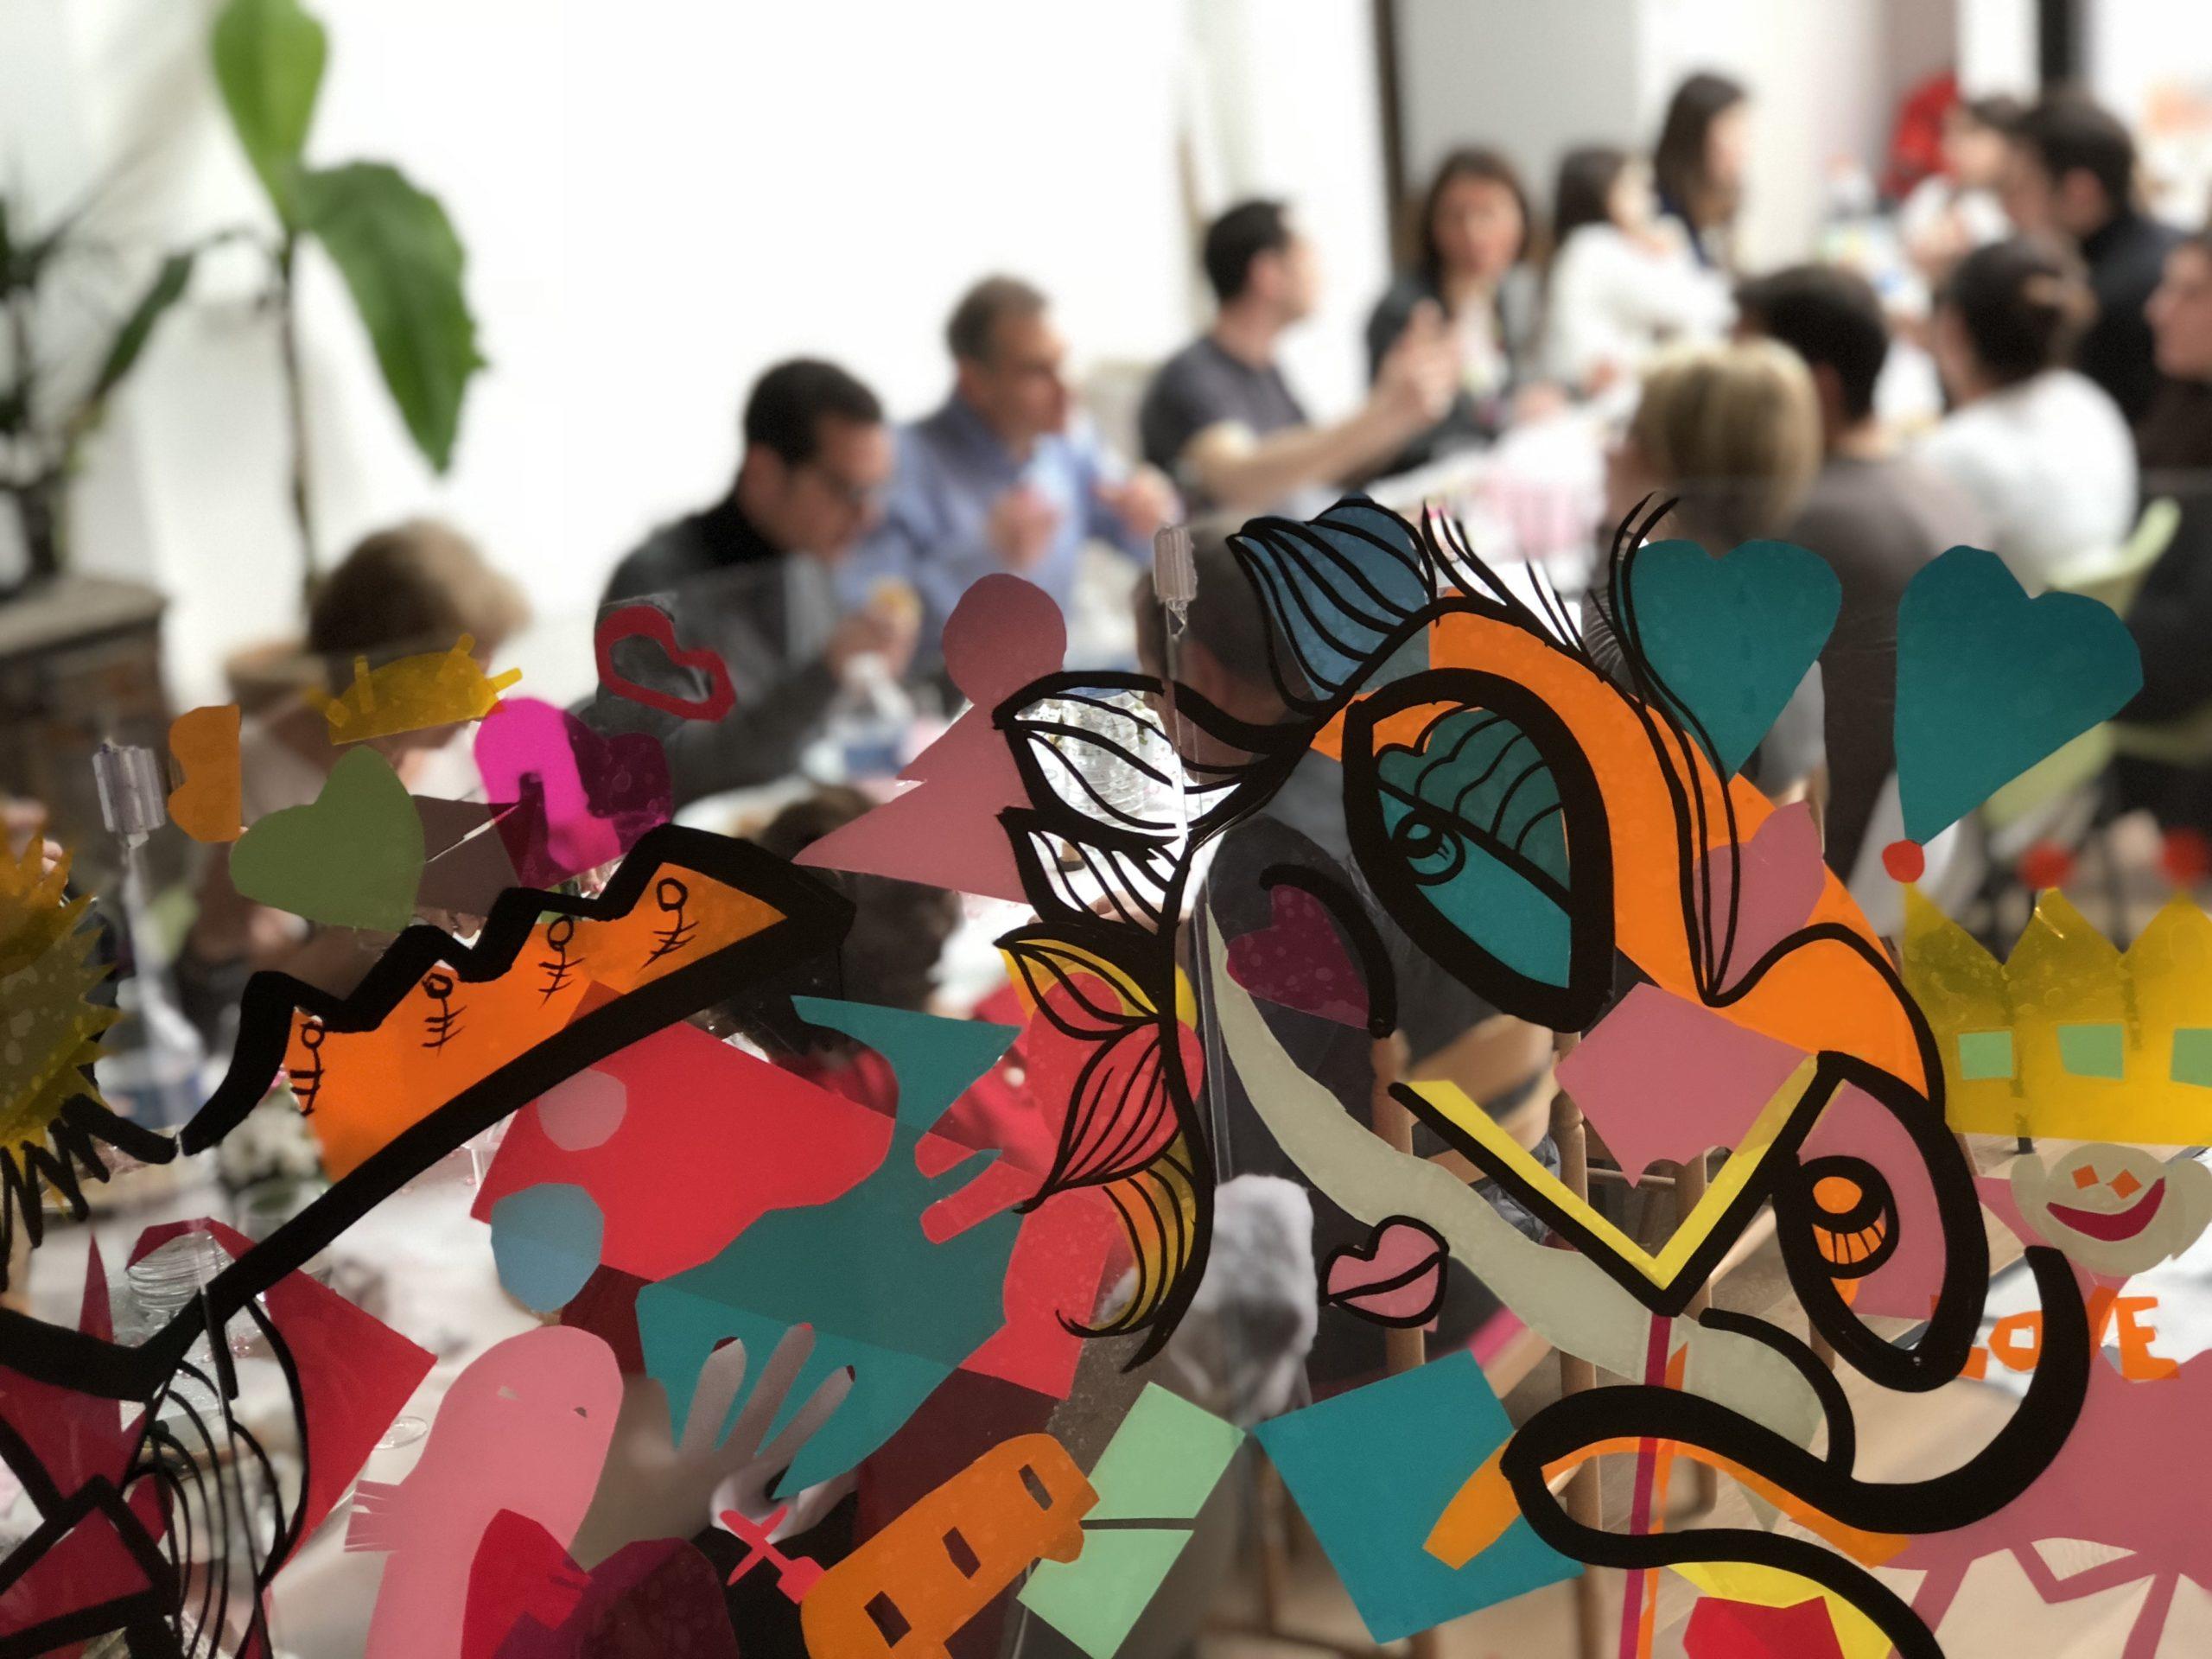 Animation Brainstorming : détail d'une œuvre aNa artiste plexi art au premier plan devant une tablée de banquet familial